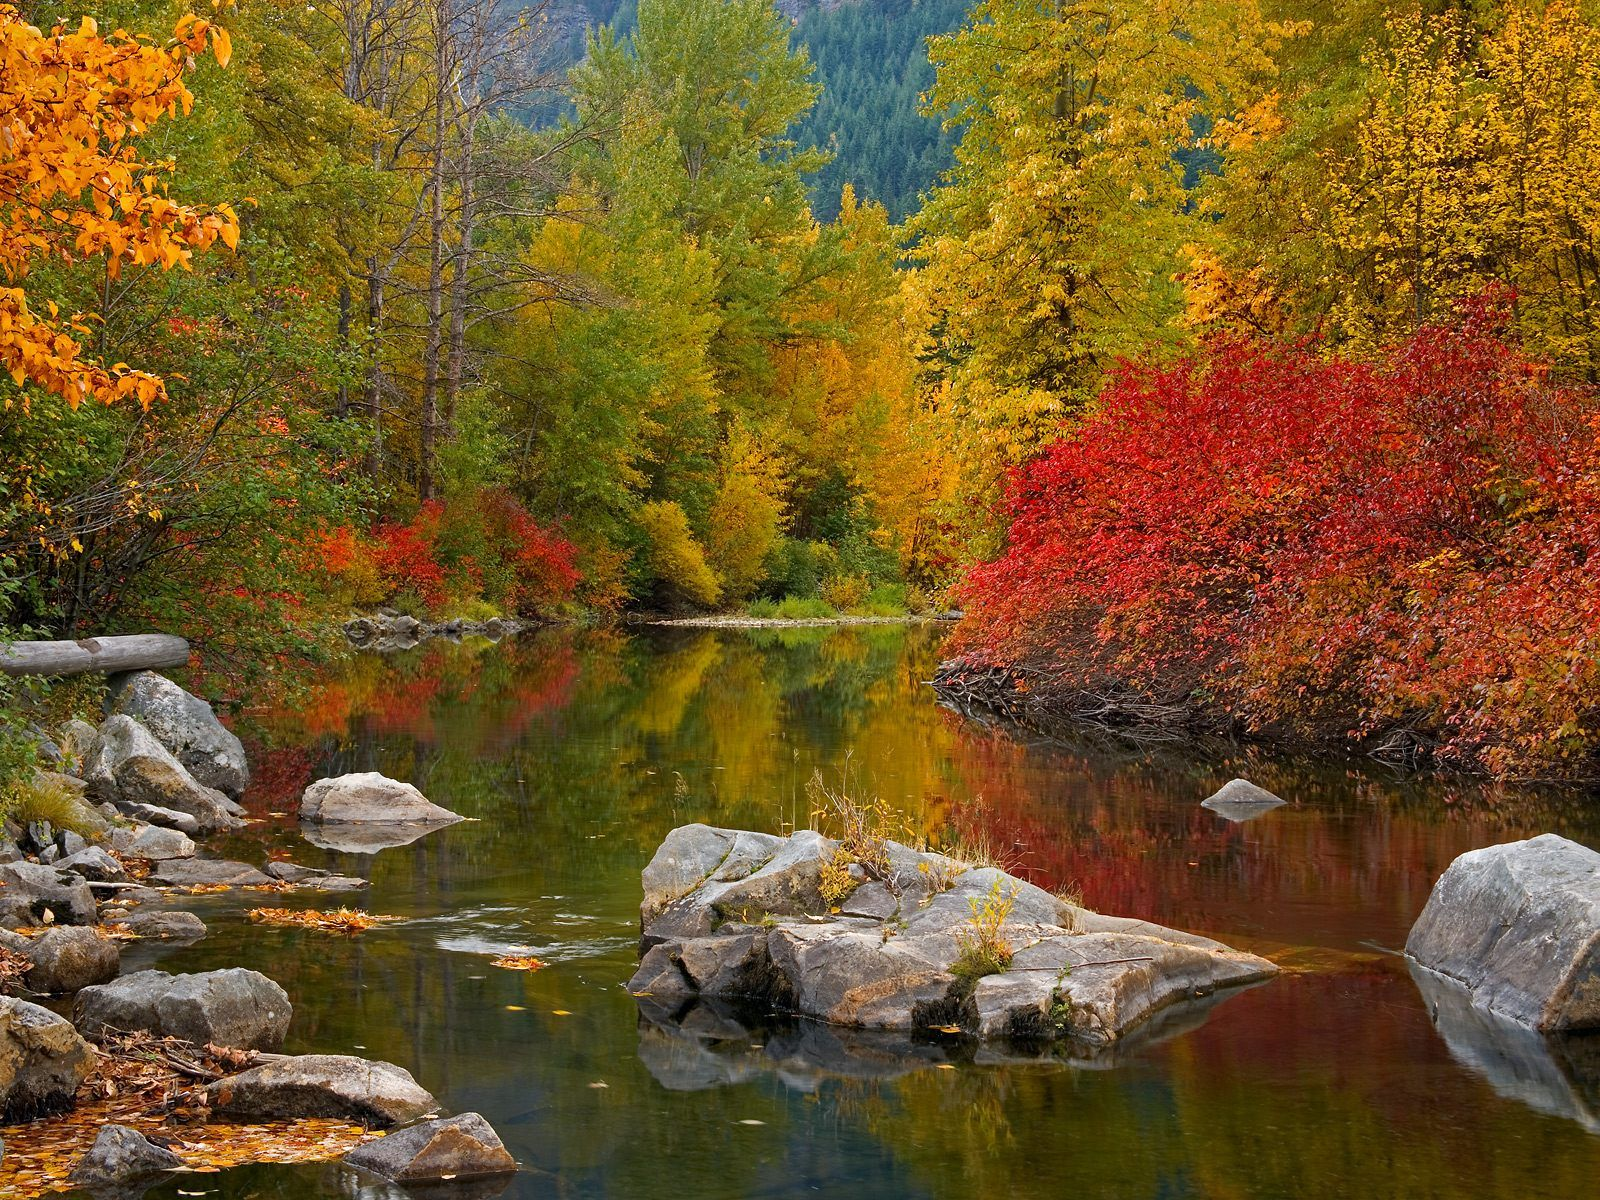 fond d ecran paysage automne 02 paysages et nature pinterest paysage automne cran et. Black Bedroom Furniture Sets. Home Design Ideas